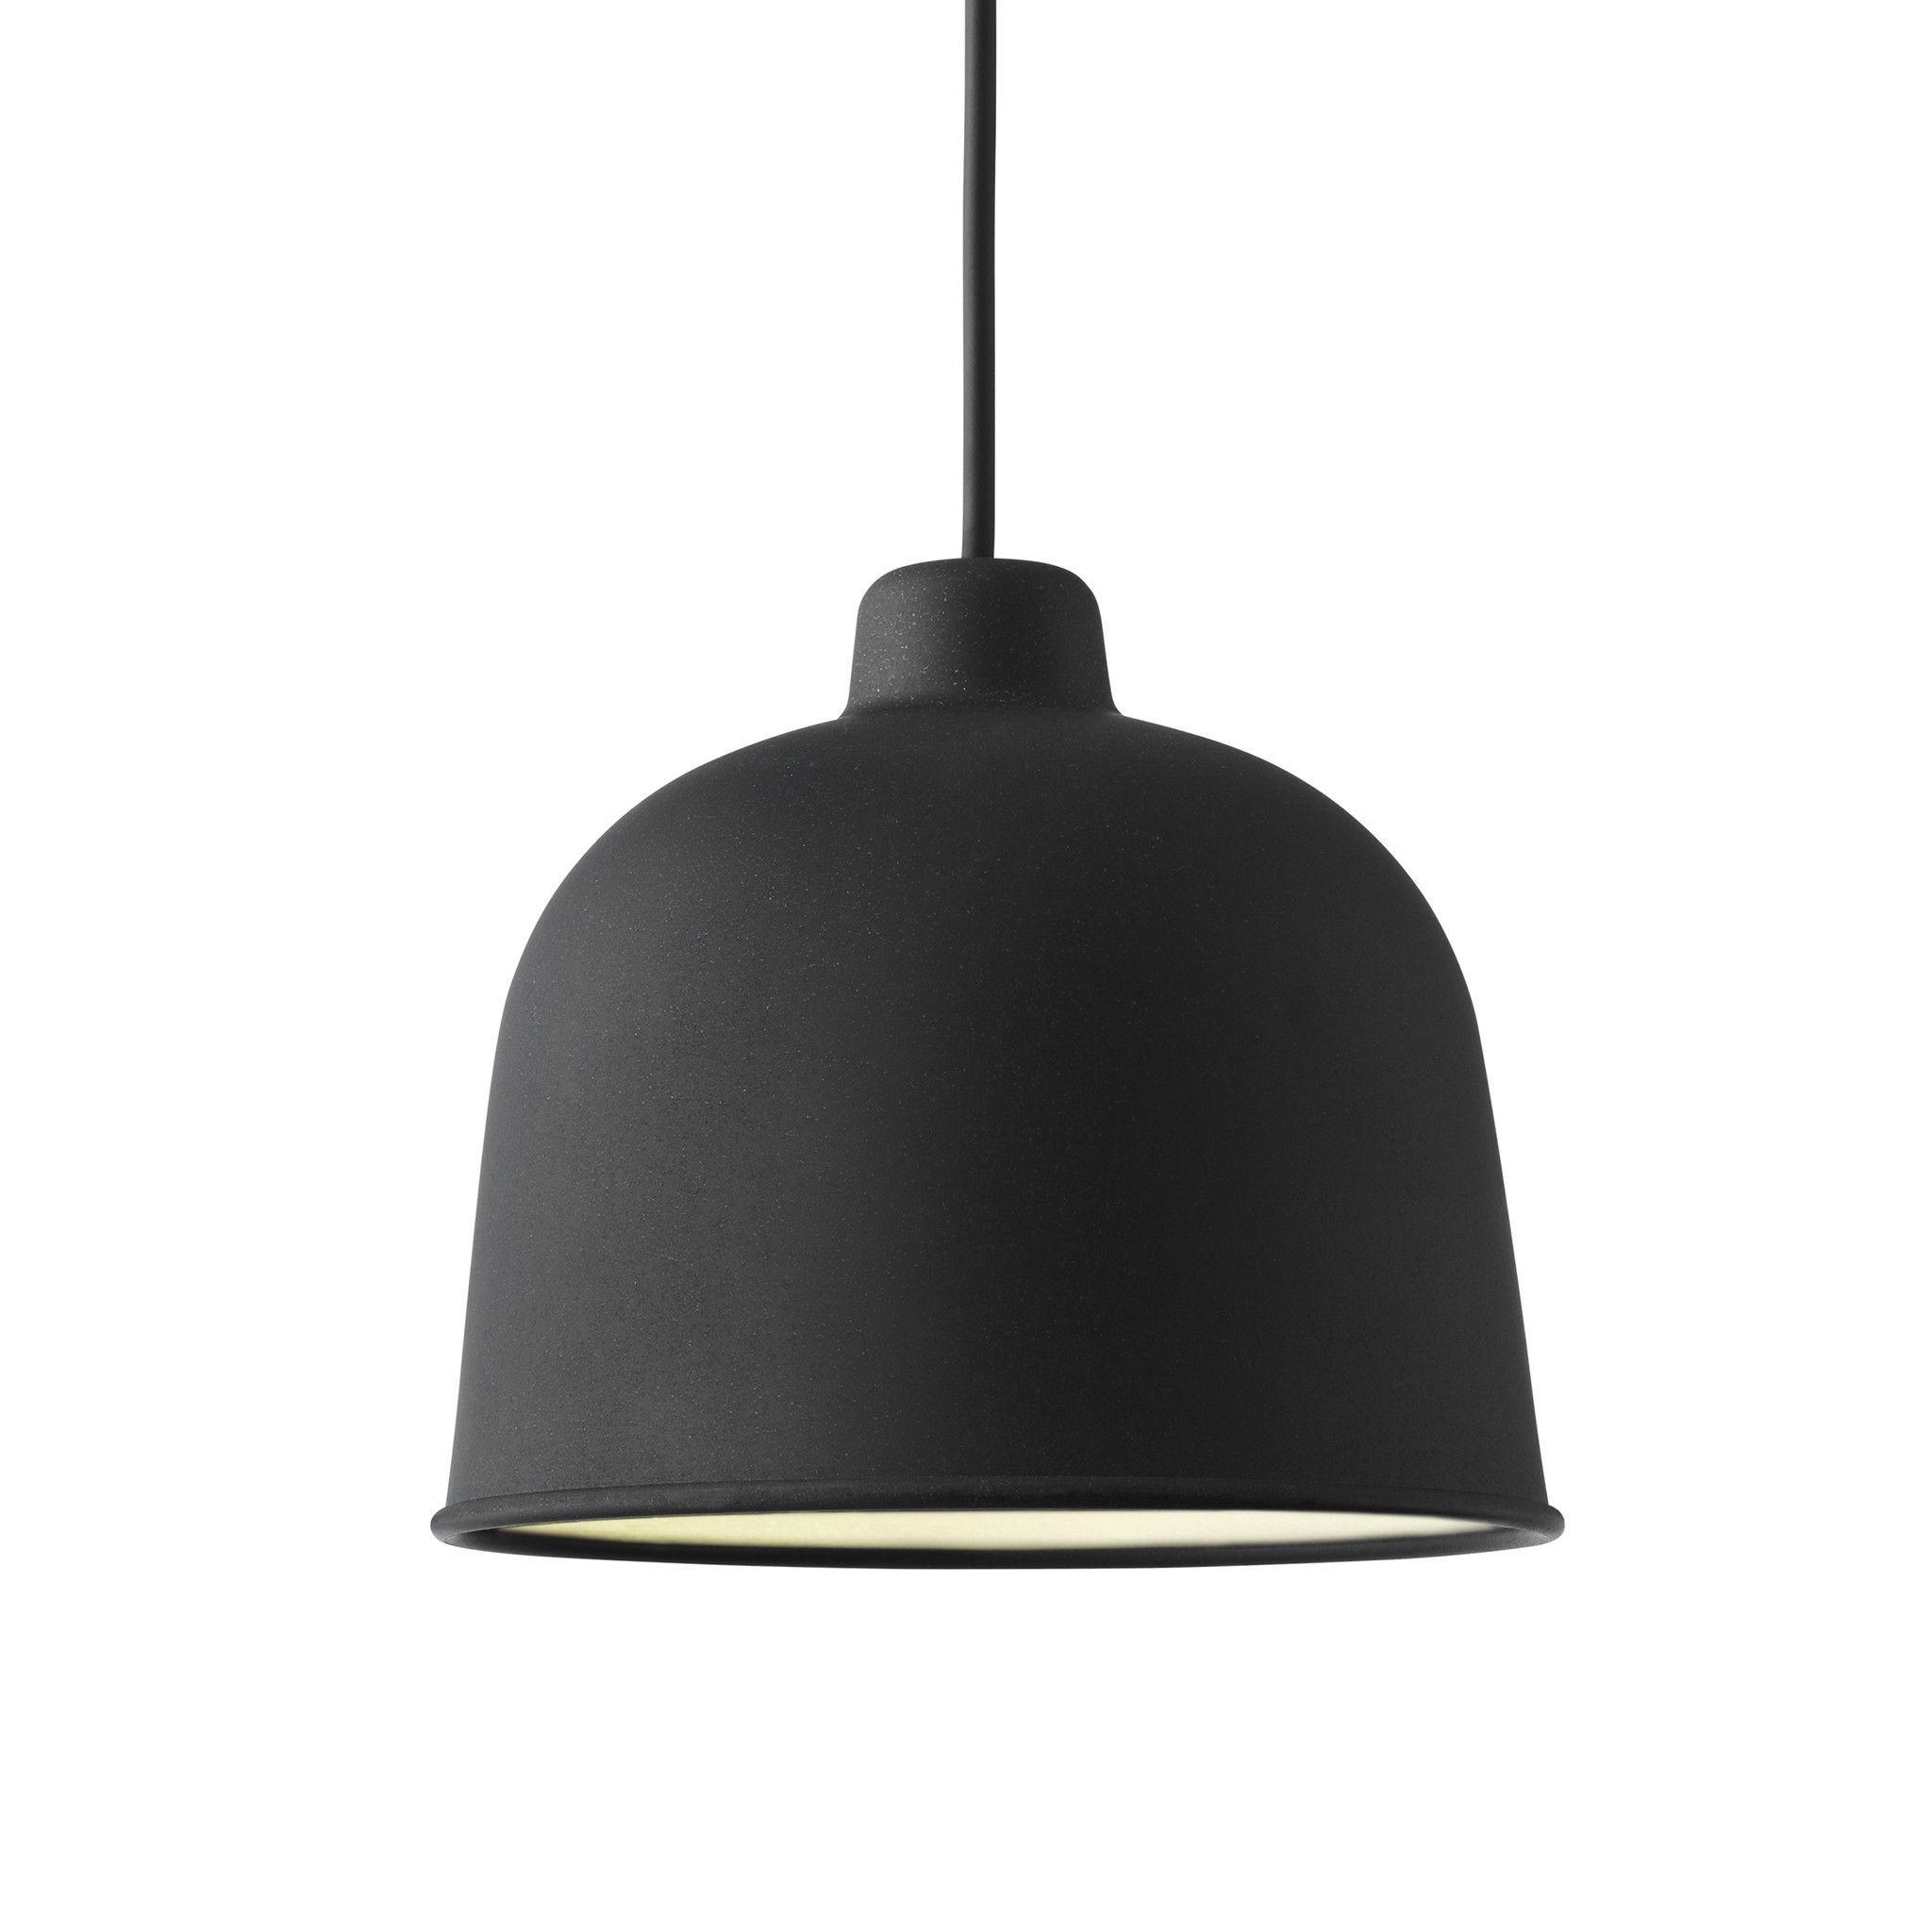 Grain Pendant Lamp Pendant Lamp Black Pendant Lamp Lamp